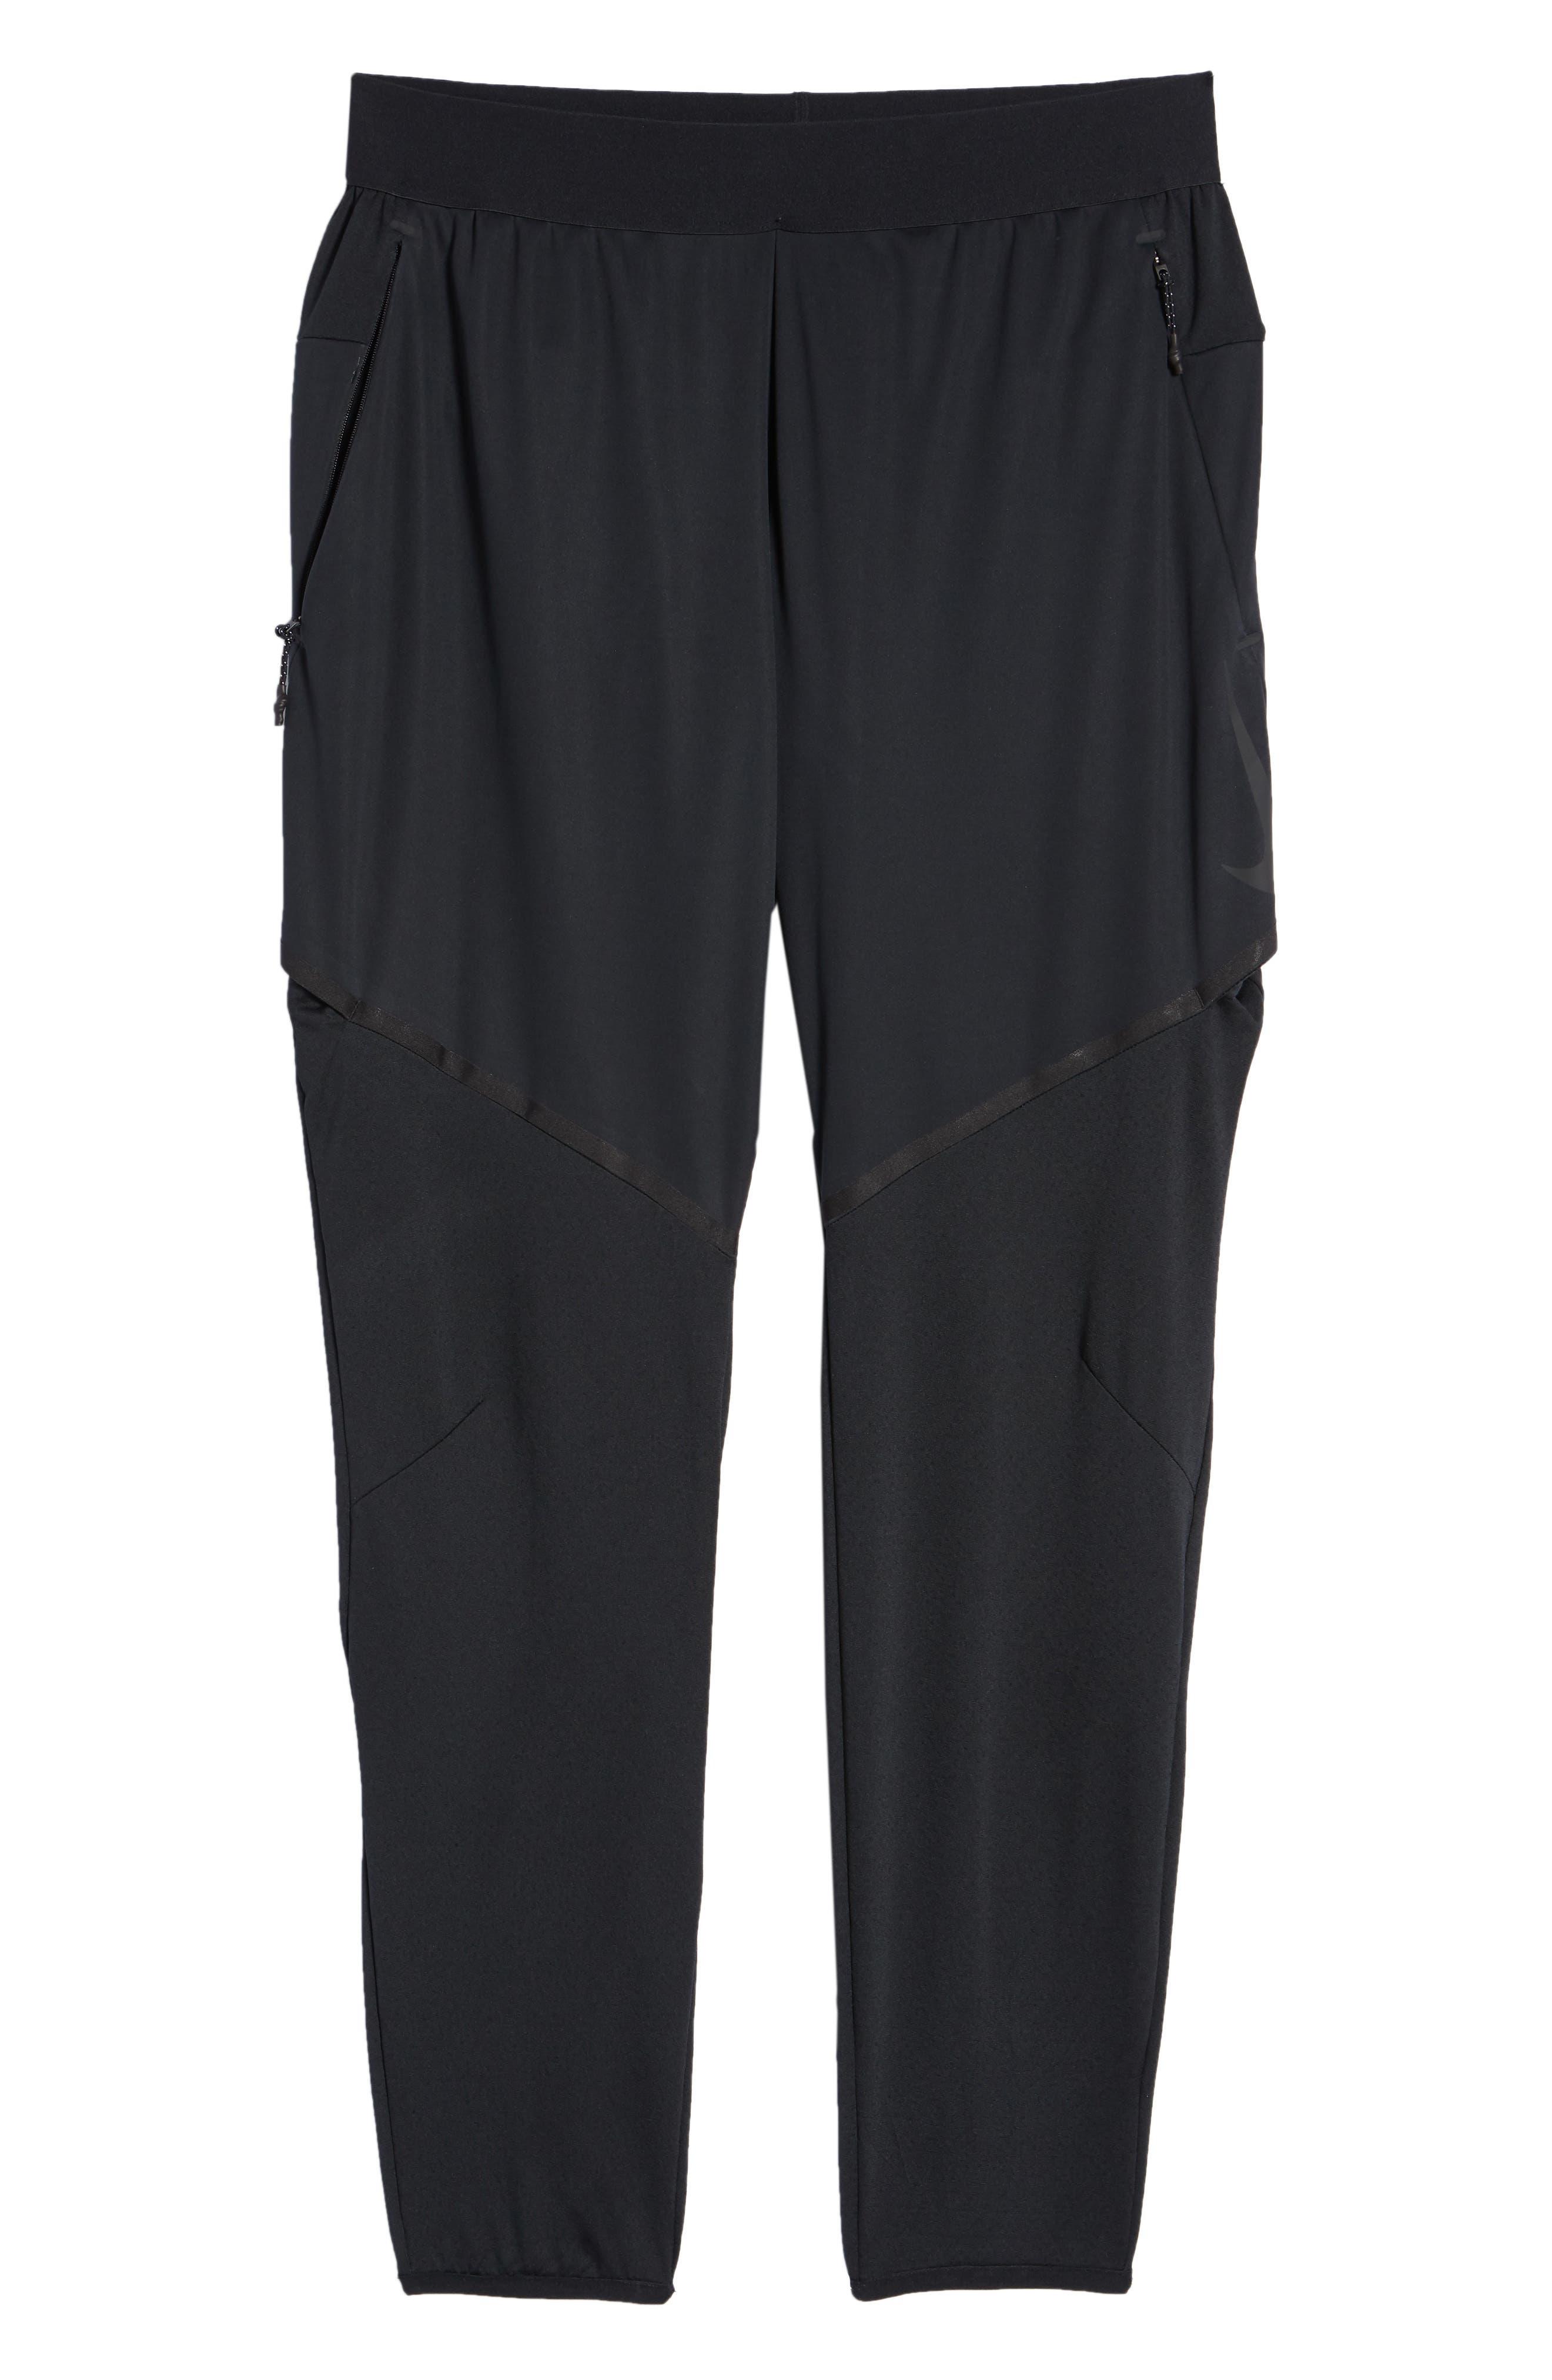 Training Flex Pants,                             Alternate thumbnail 6, color,                             BLACK/ BLACK